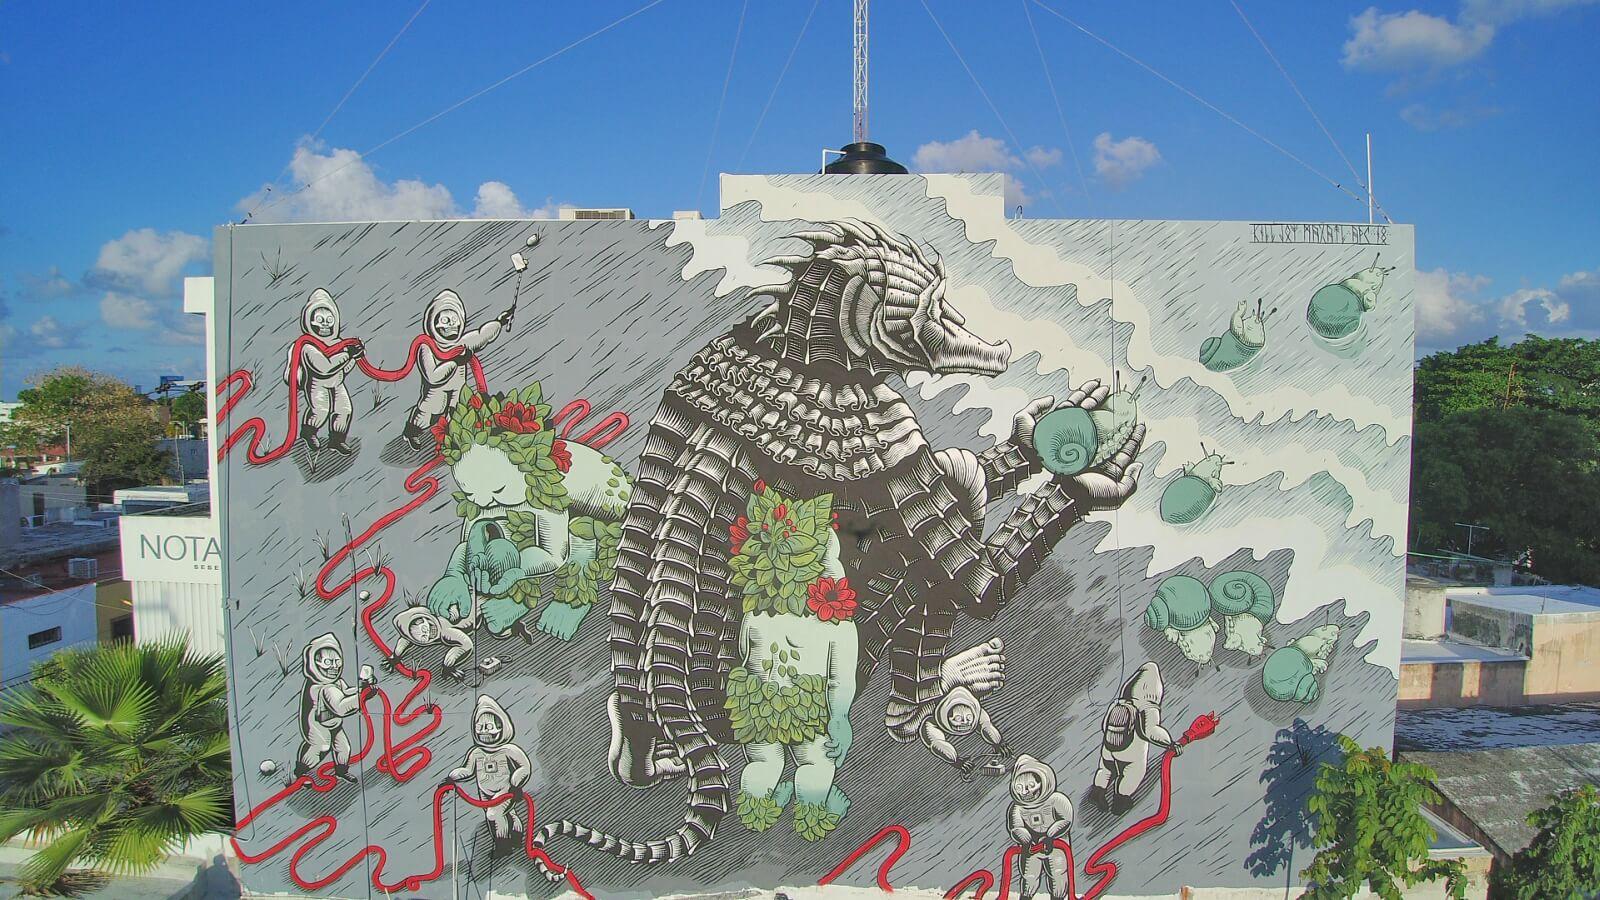 Casa de Diseño Nawala y su iniciativa de arte urbano en Cancún